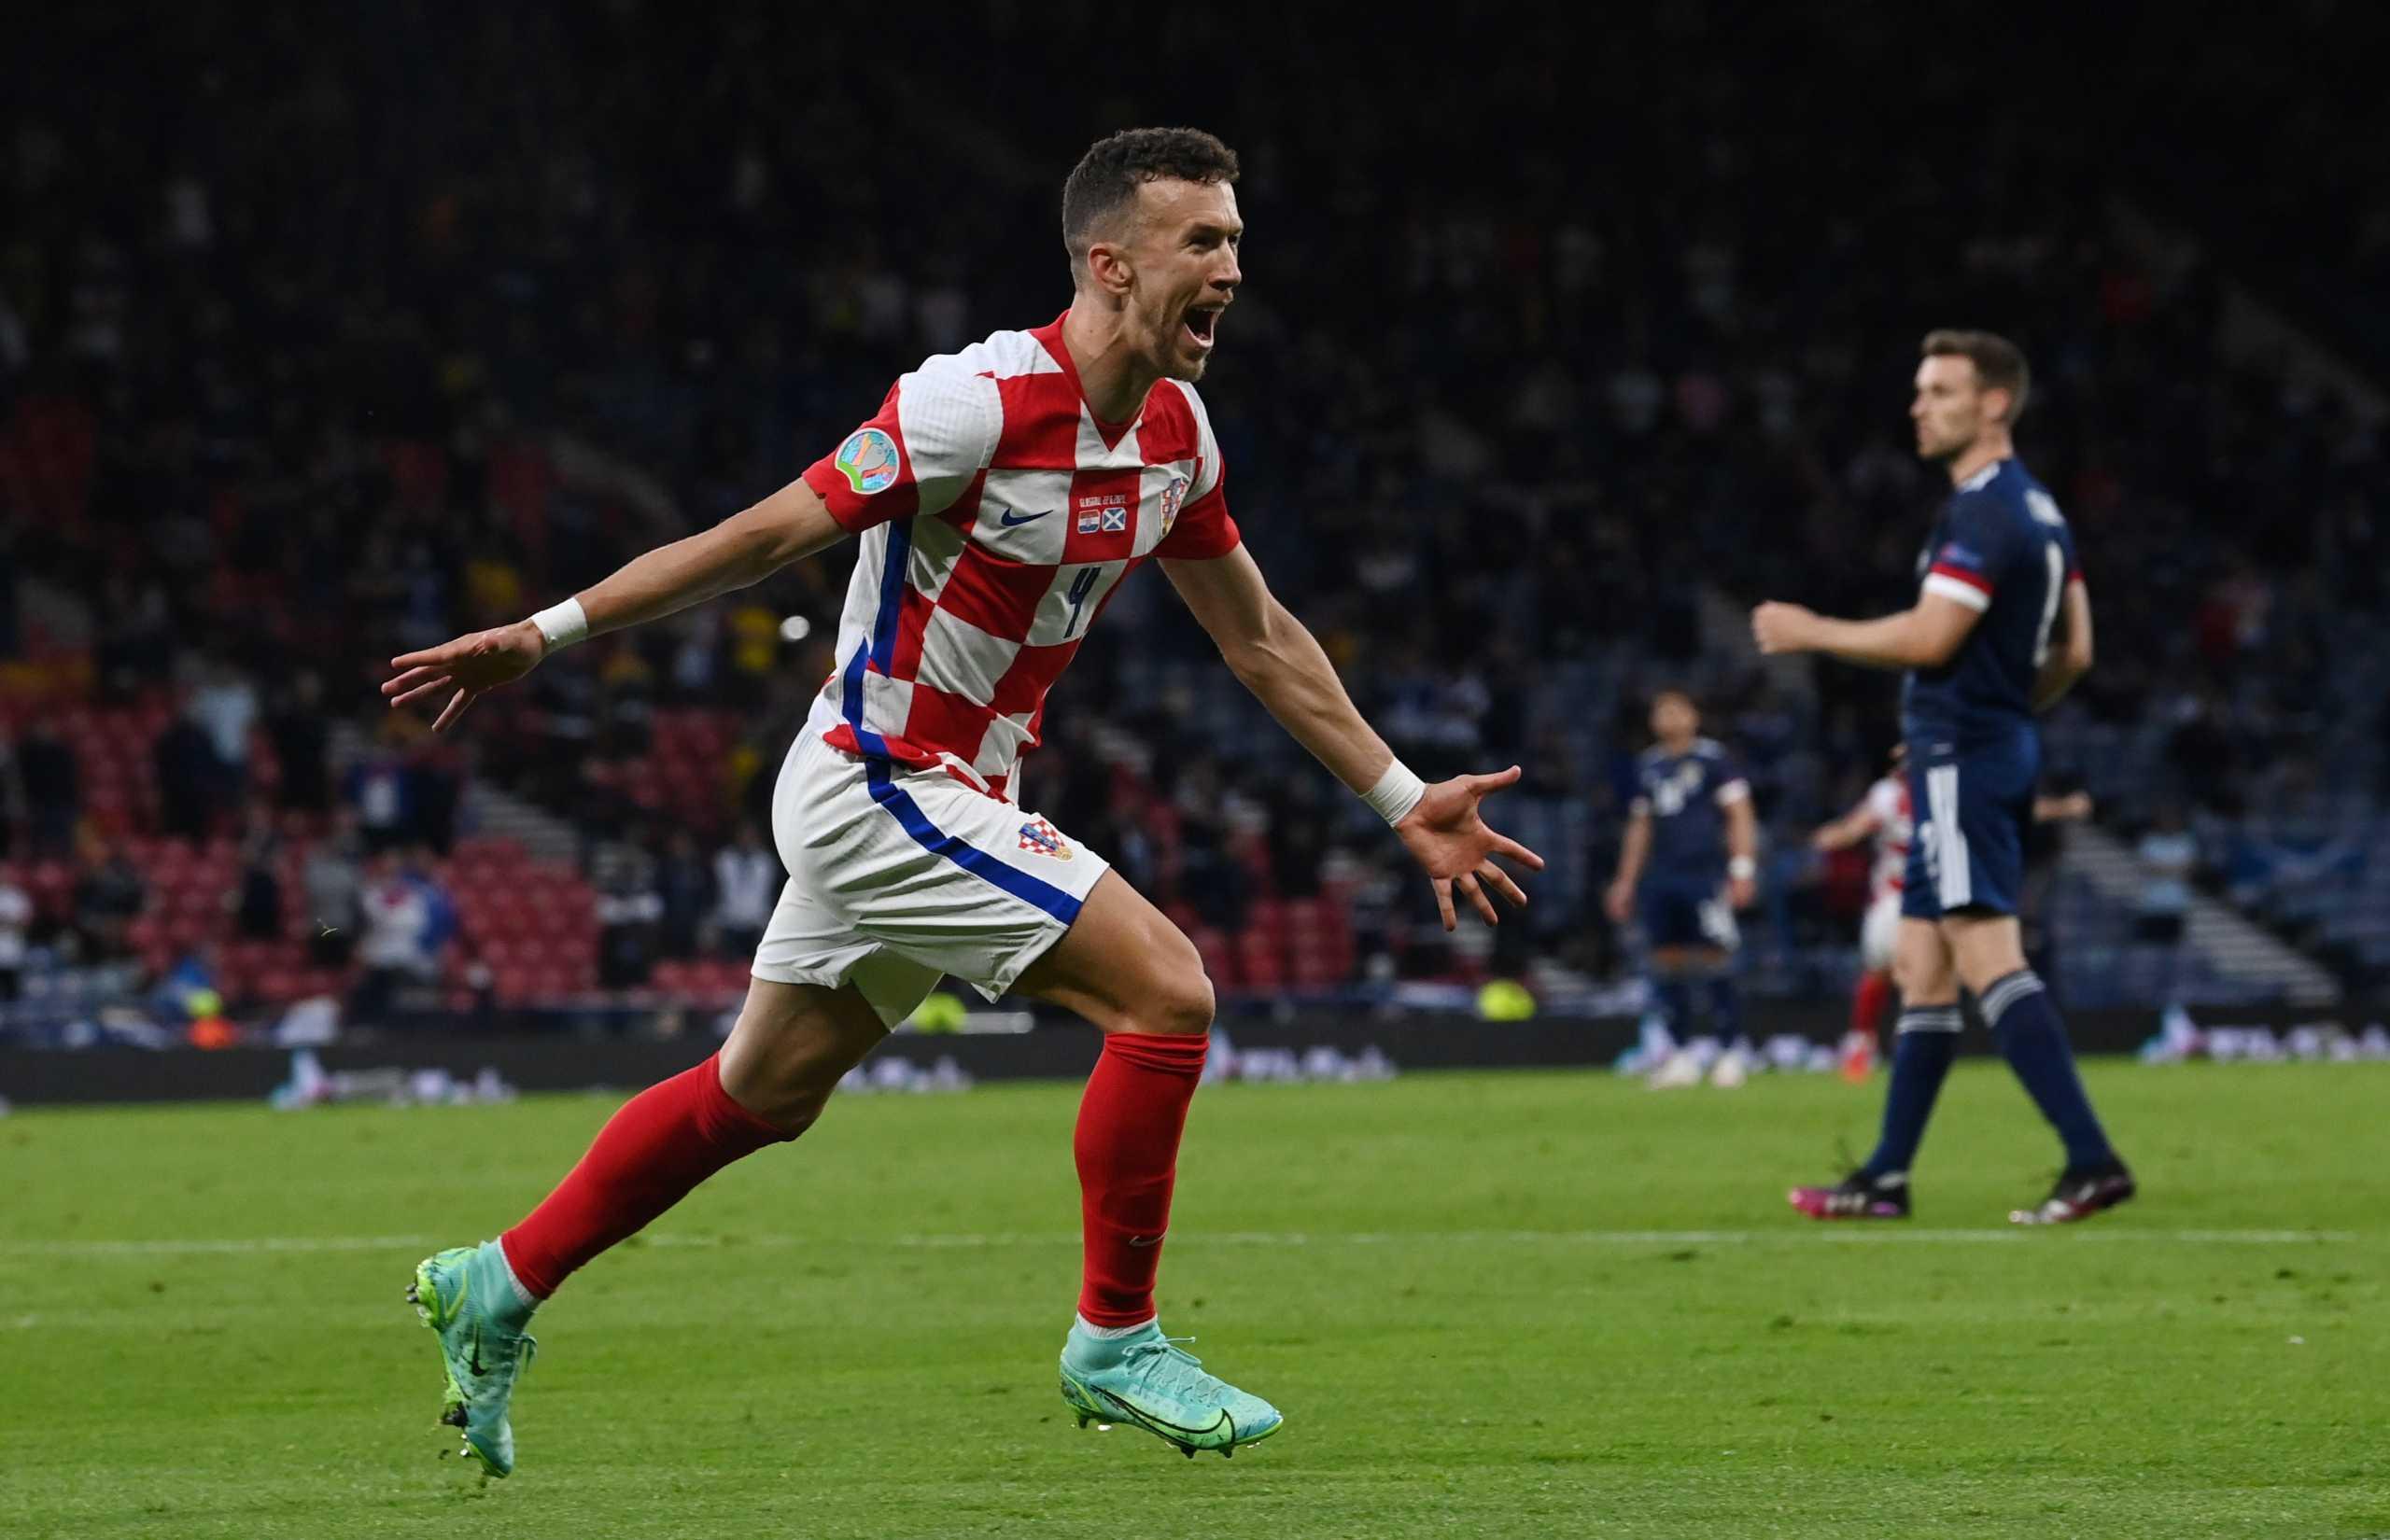 Euro 2020: Σοκ στην Κροατία – Θετικός στον κορονοϊό ο Πέρισιτς και νοκ άουτ για Ισπανία